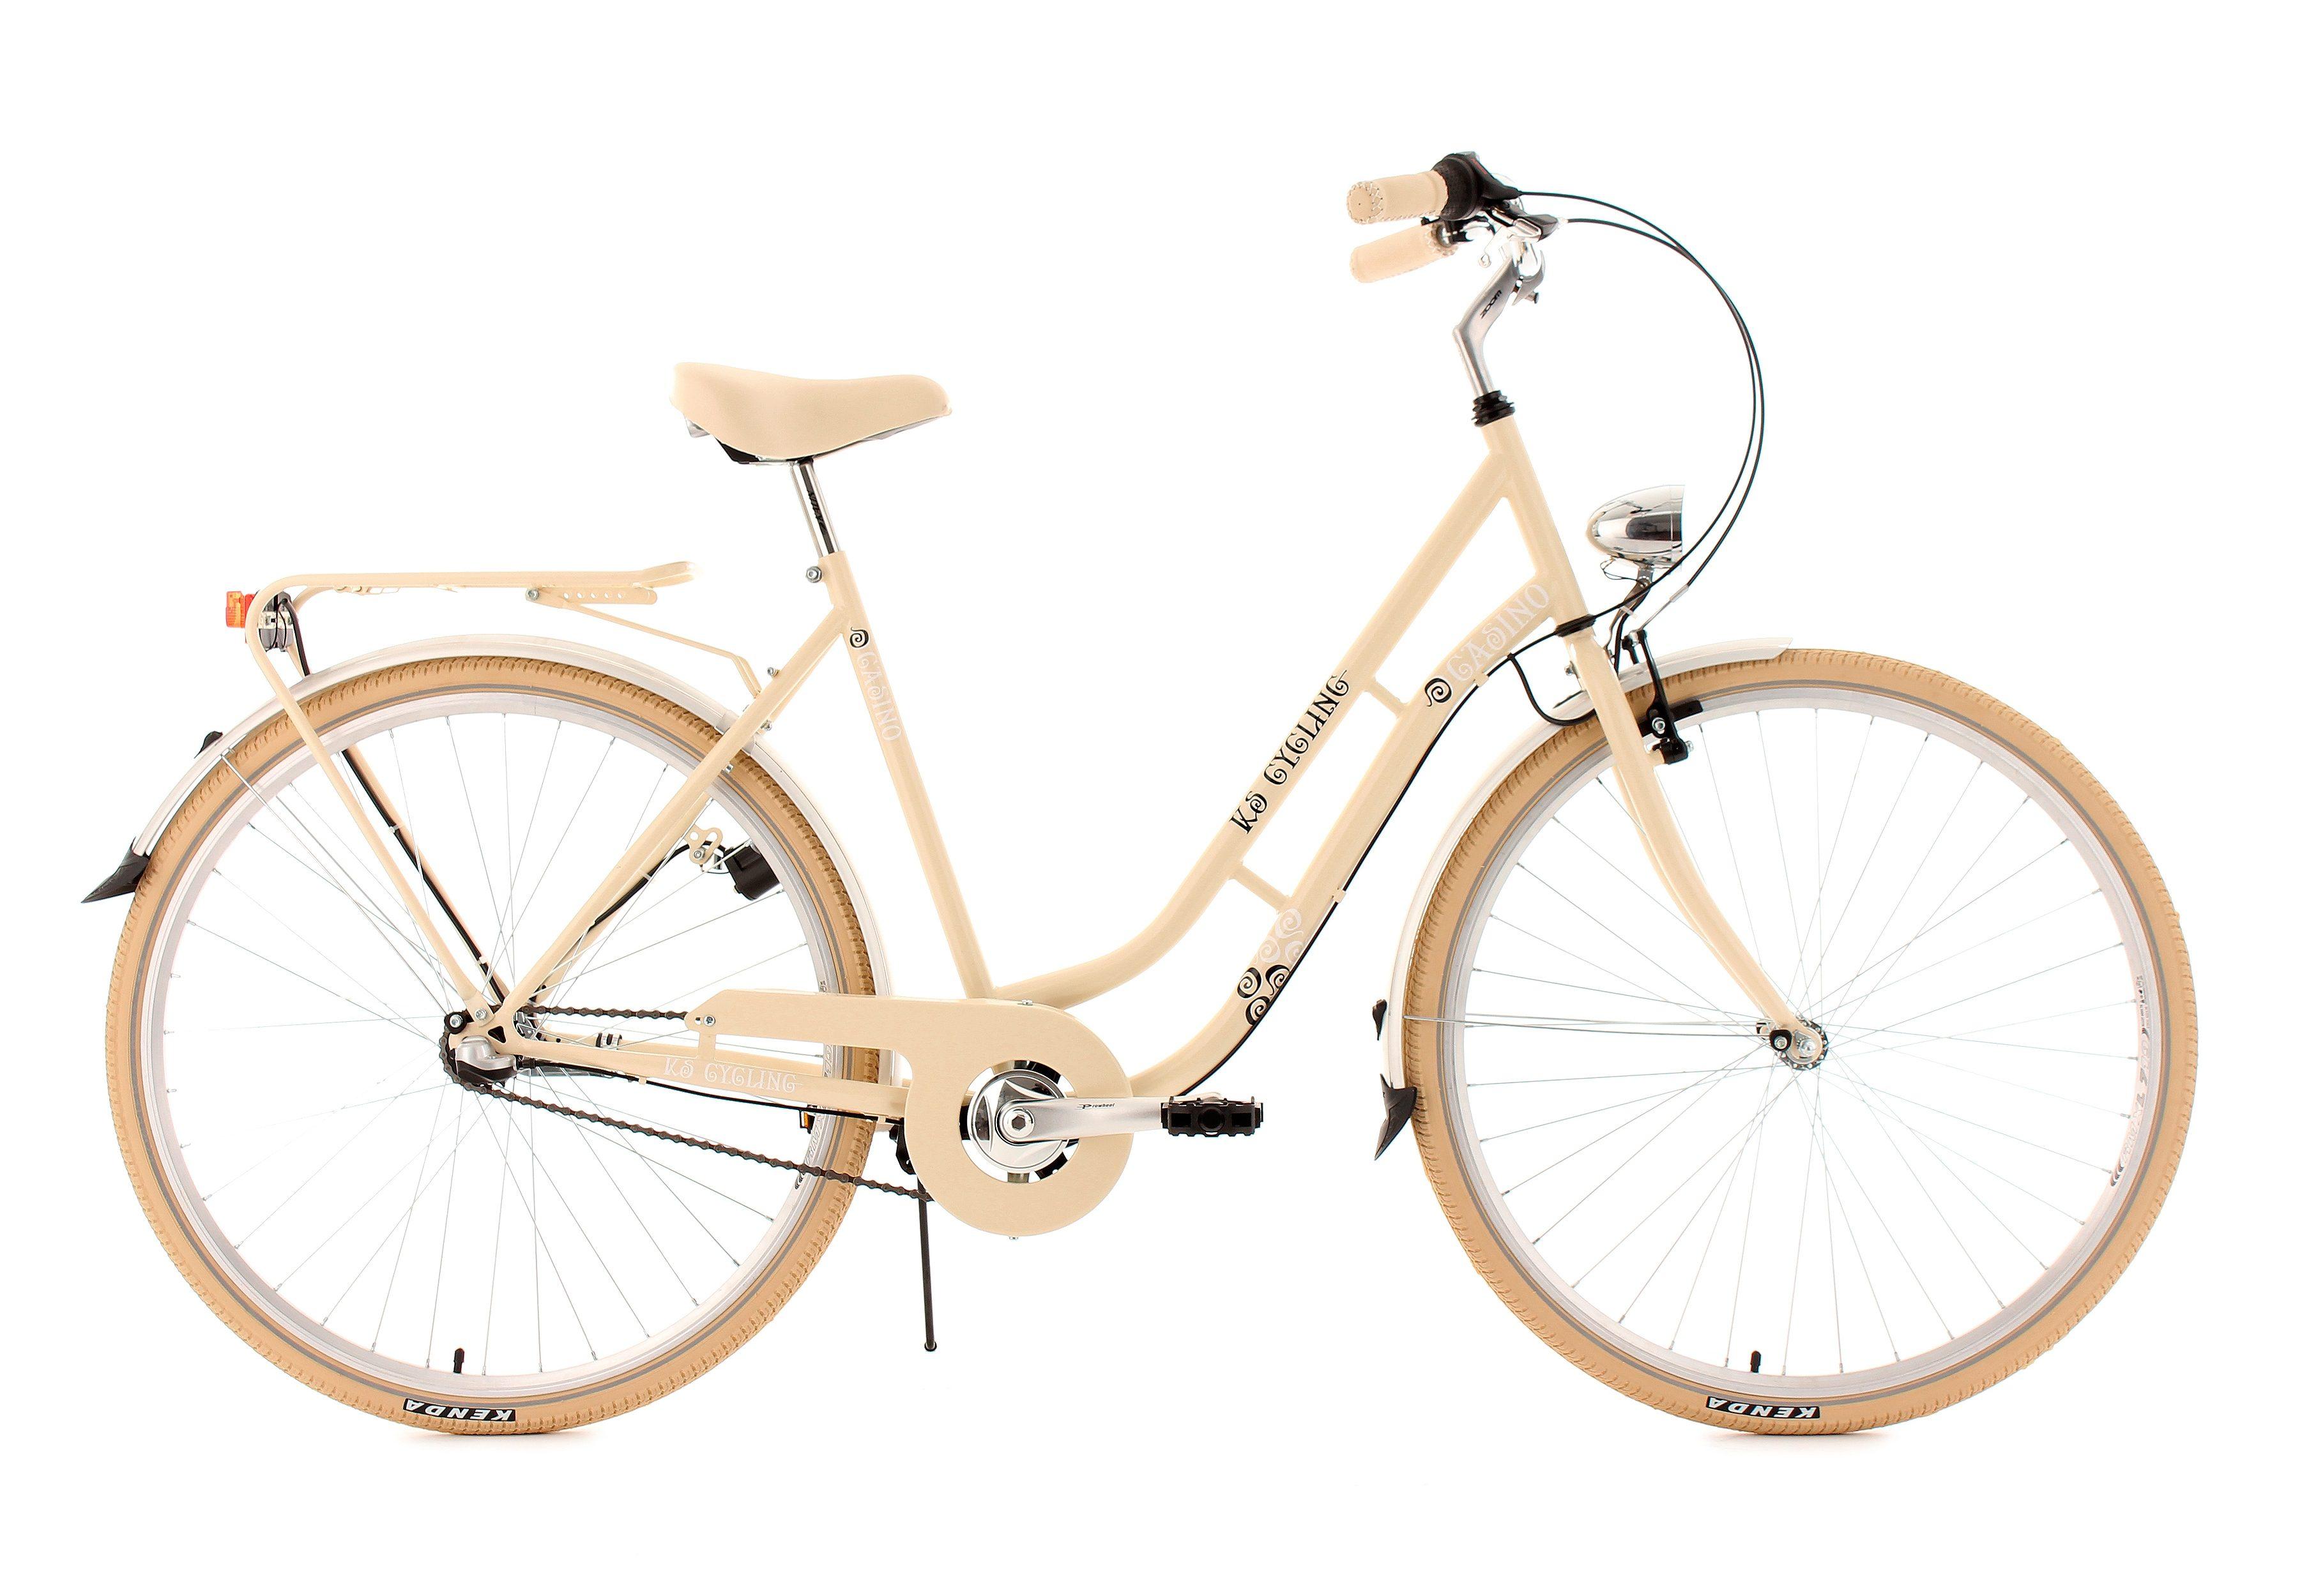 Citybike, 28 Zoll, beige, 3 Gang Nabenschaltung, »Casino«, KS Cycling